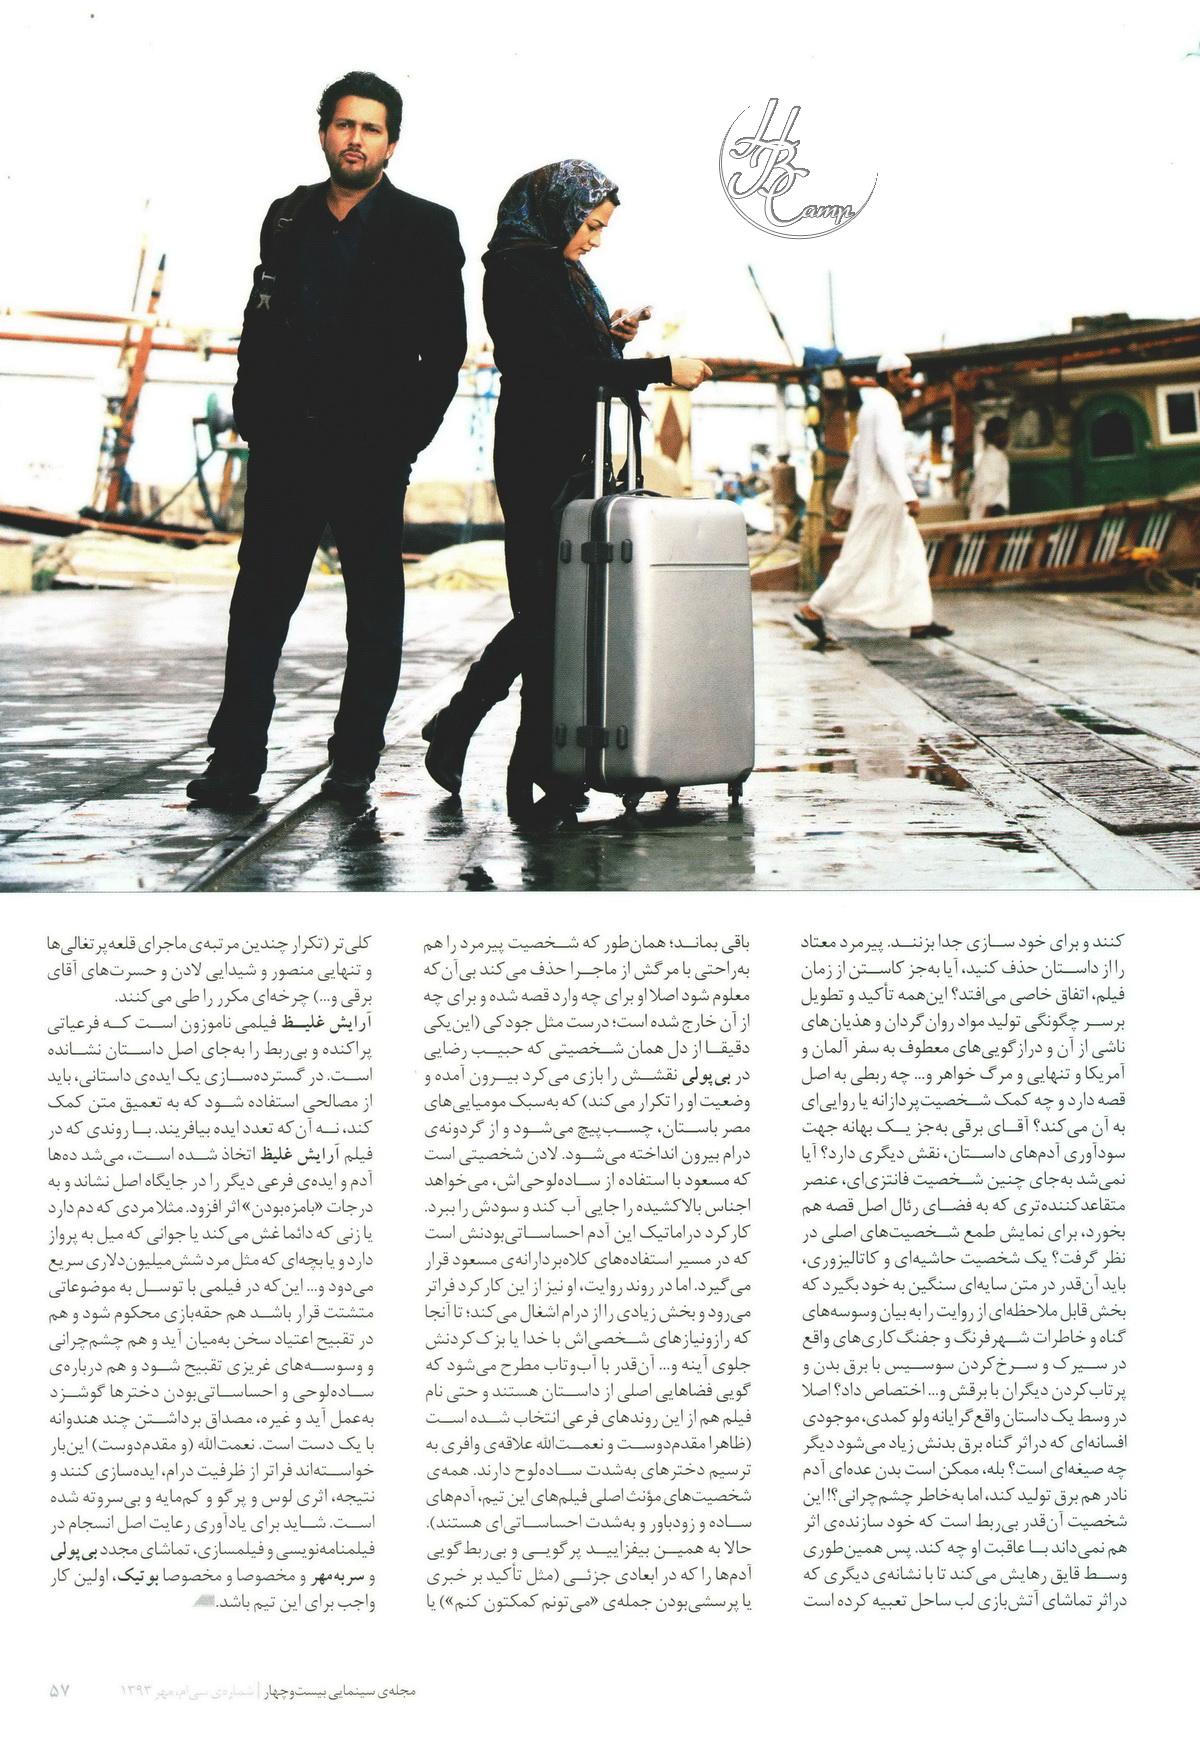 http://yotab.persiangig.com/magazin/24mag-56/n05.jpg